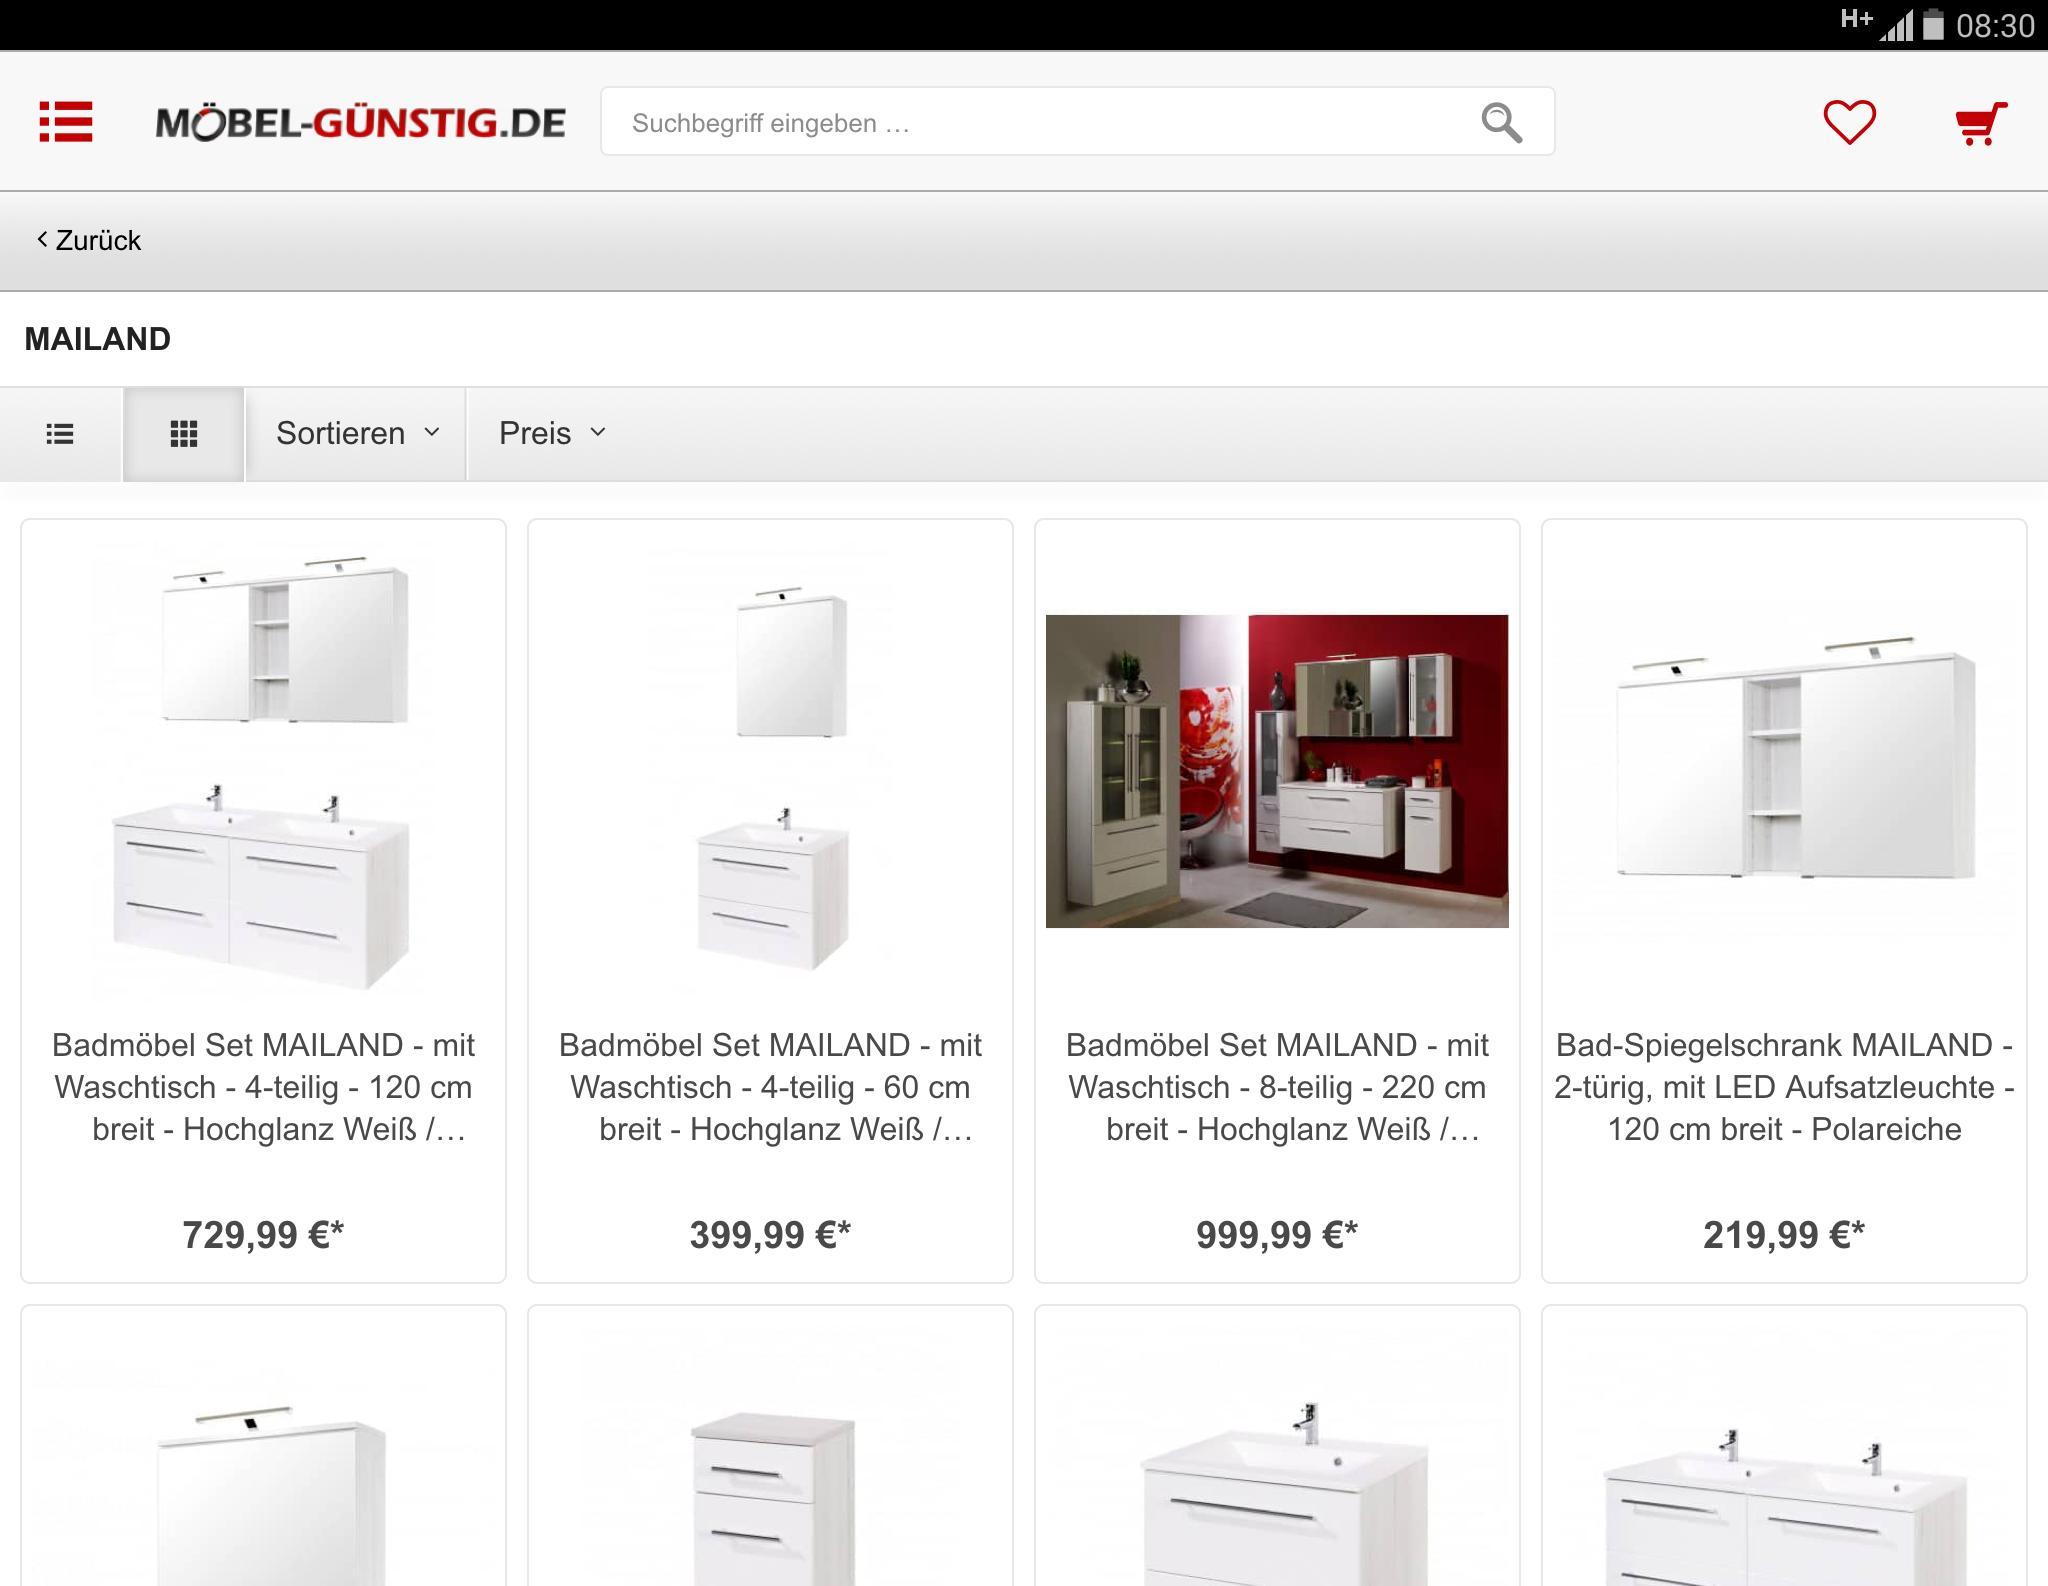 möbel-günstig.de for android - apk download